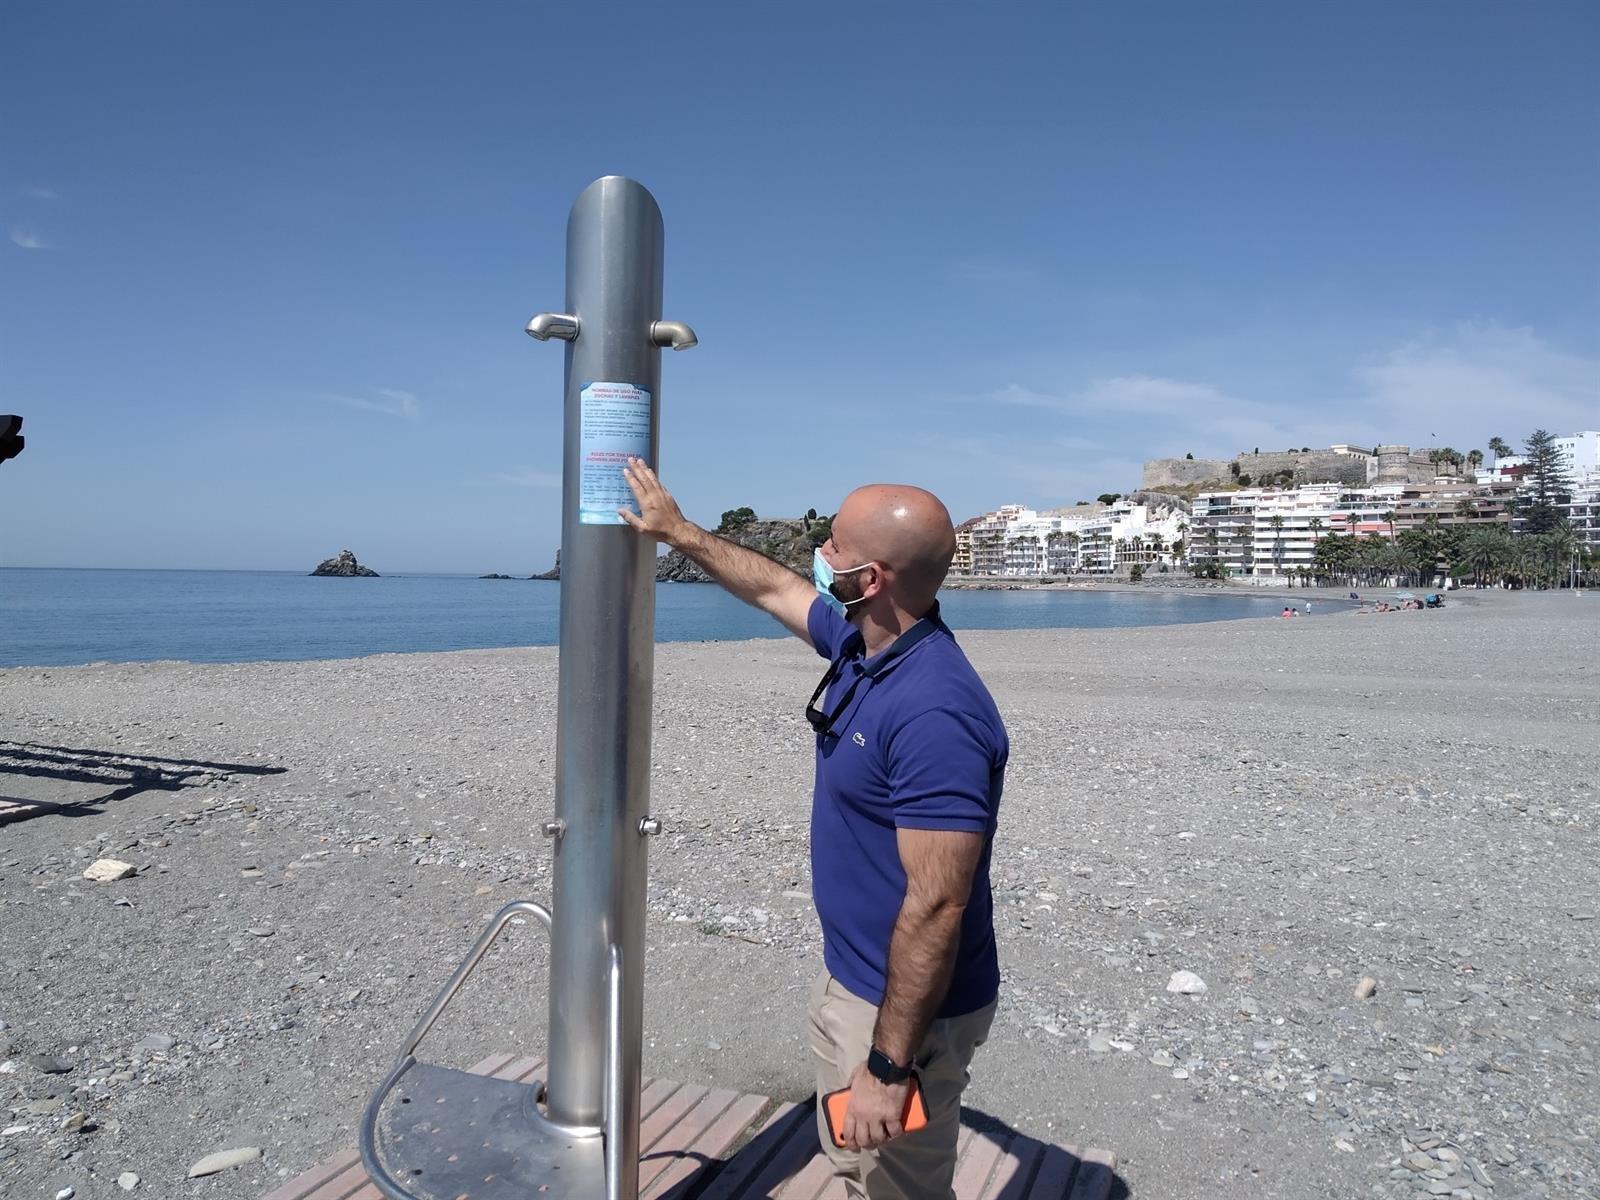 Las playas de la costa empiezan a abrir a la espera de turistas